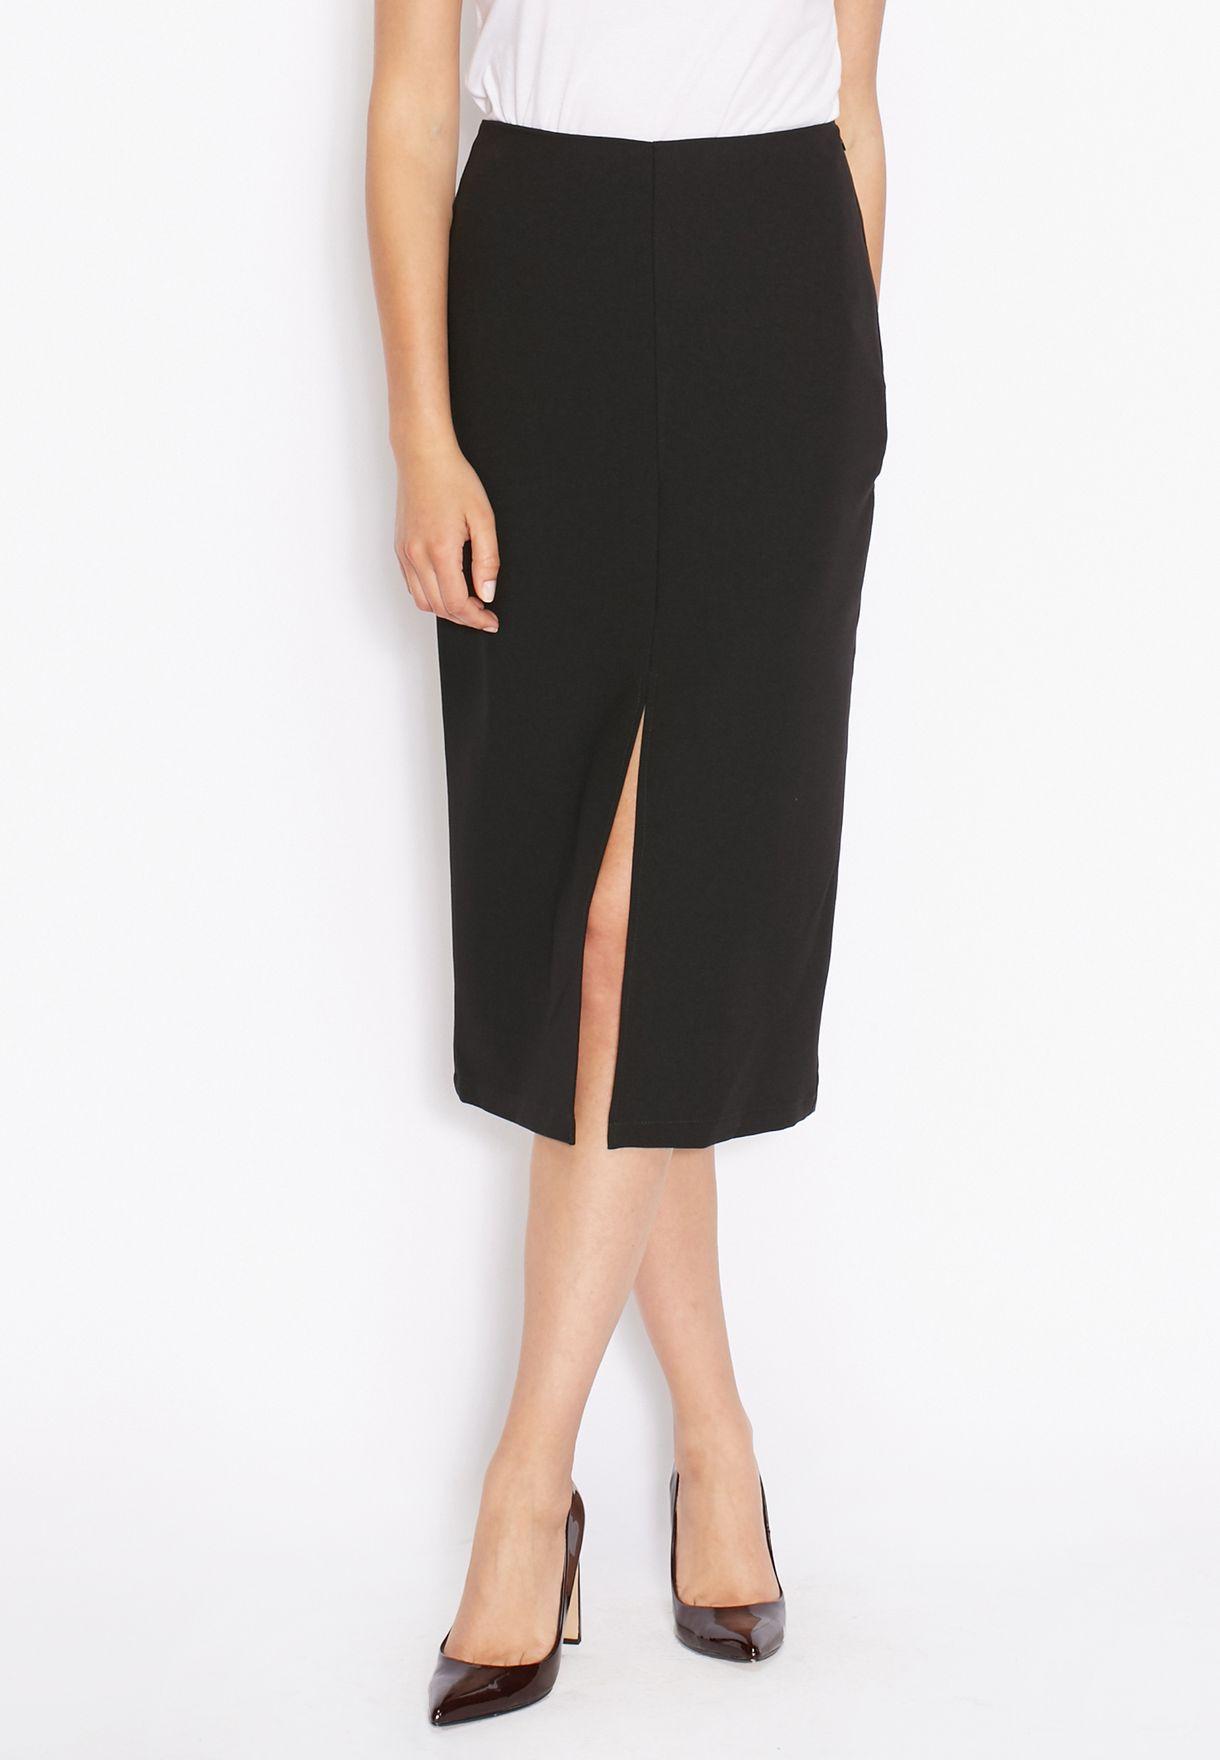 c64e758ad Shop Dorothy Perkins black Front Split Column Skirt 14729110 for ...